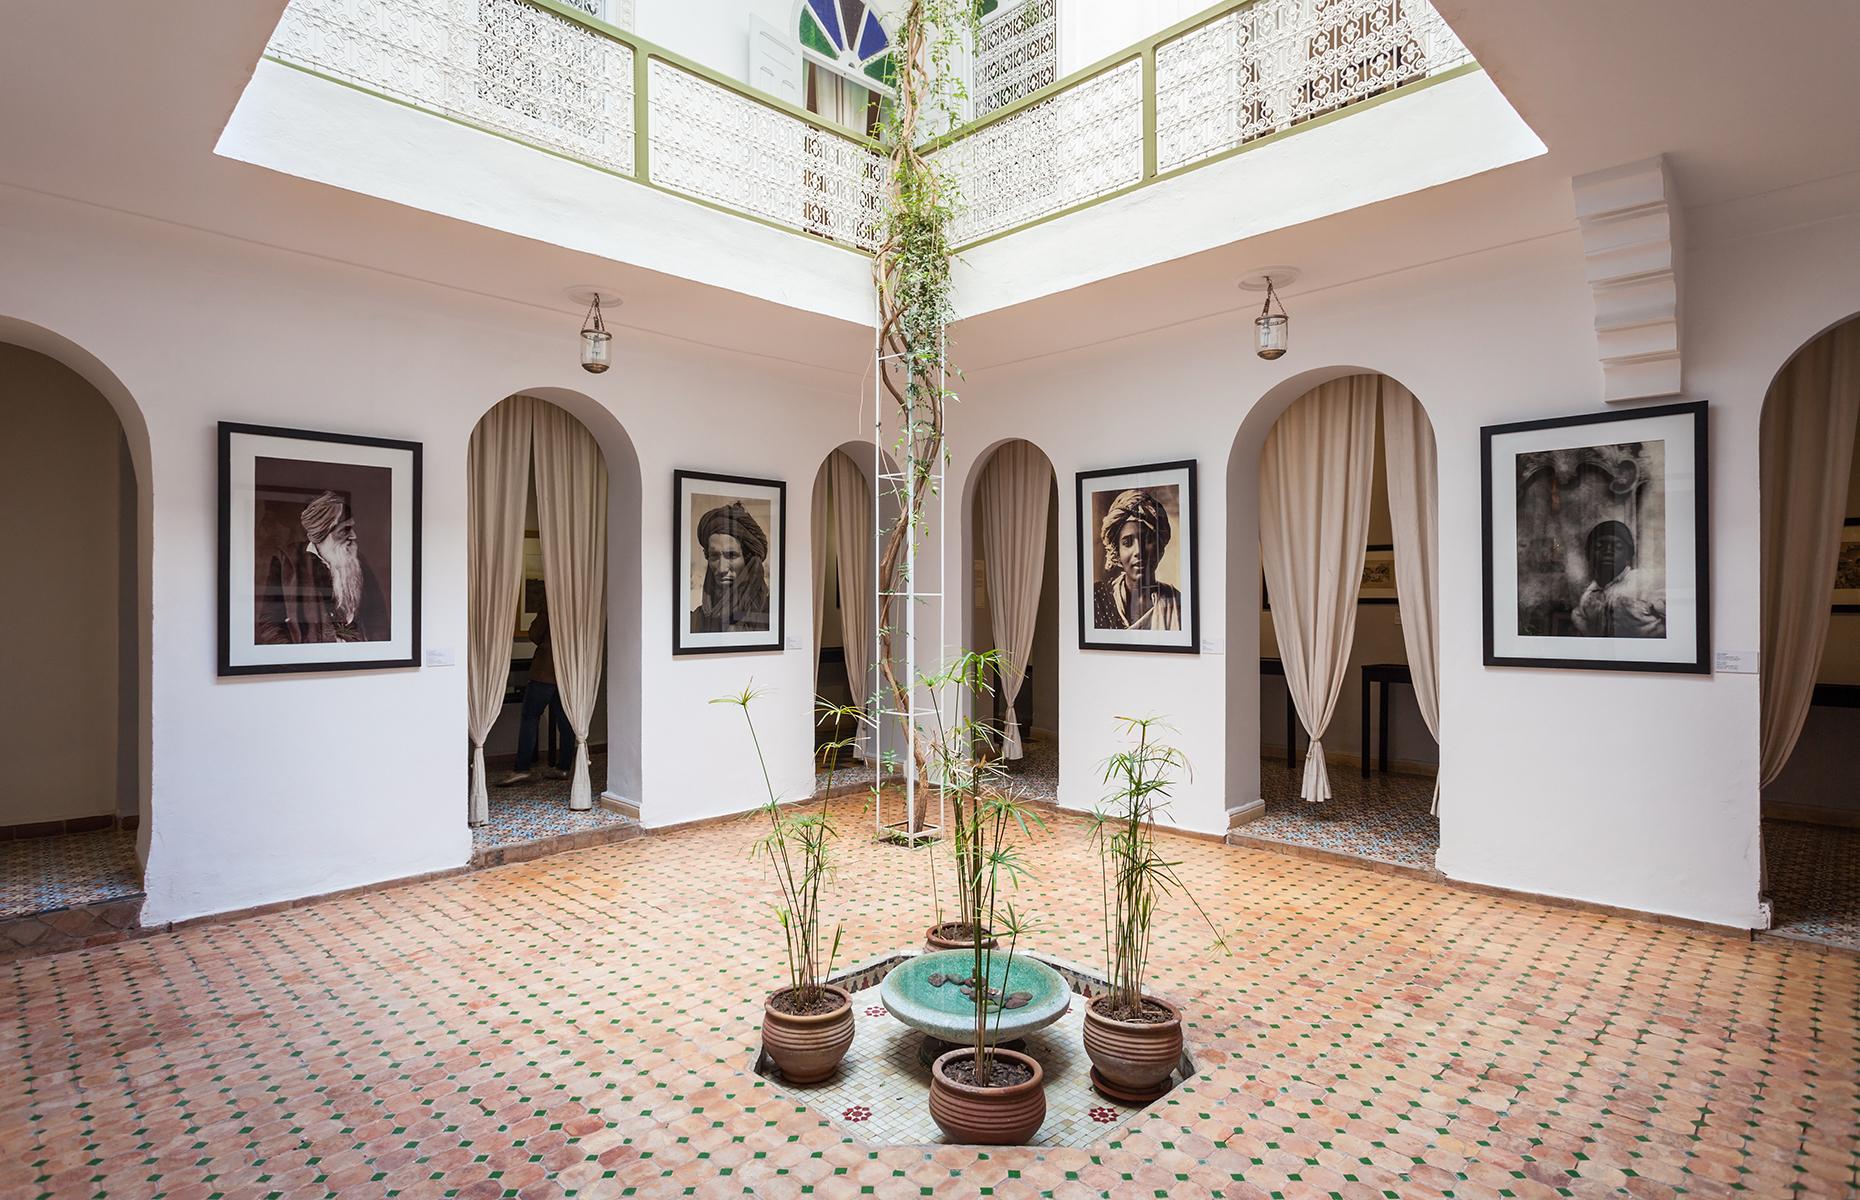 Maison de la Photographie in Marrakech (Image: saiko3p/Shutterstock)